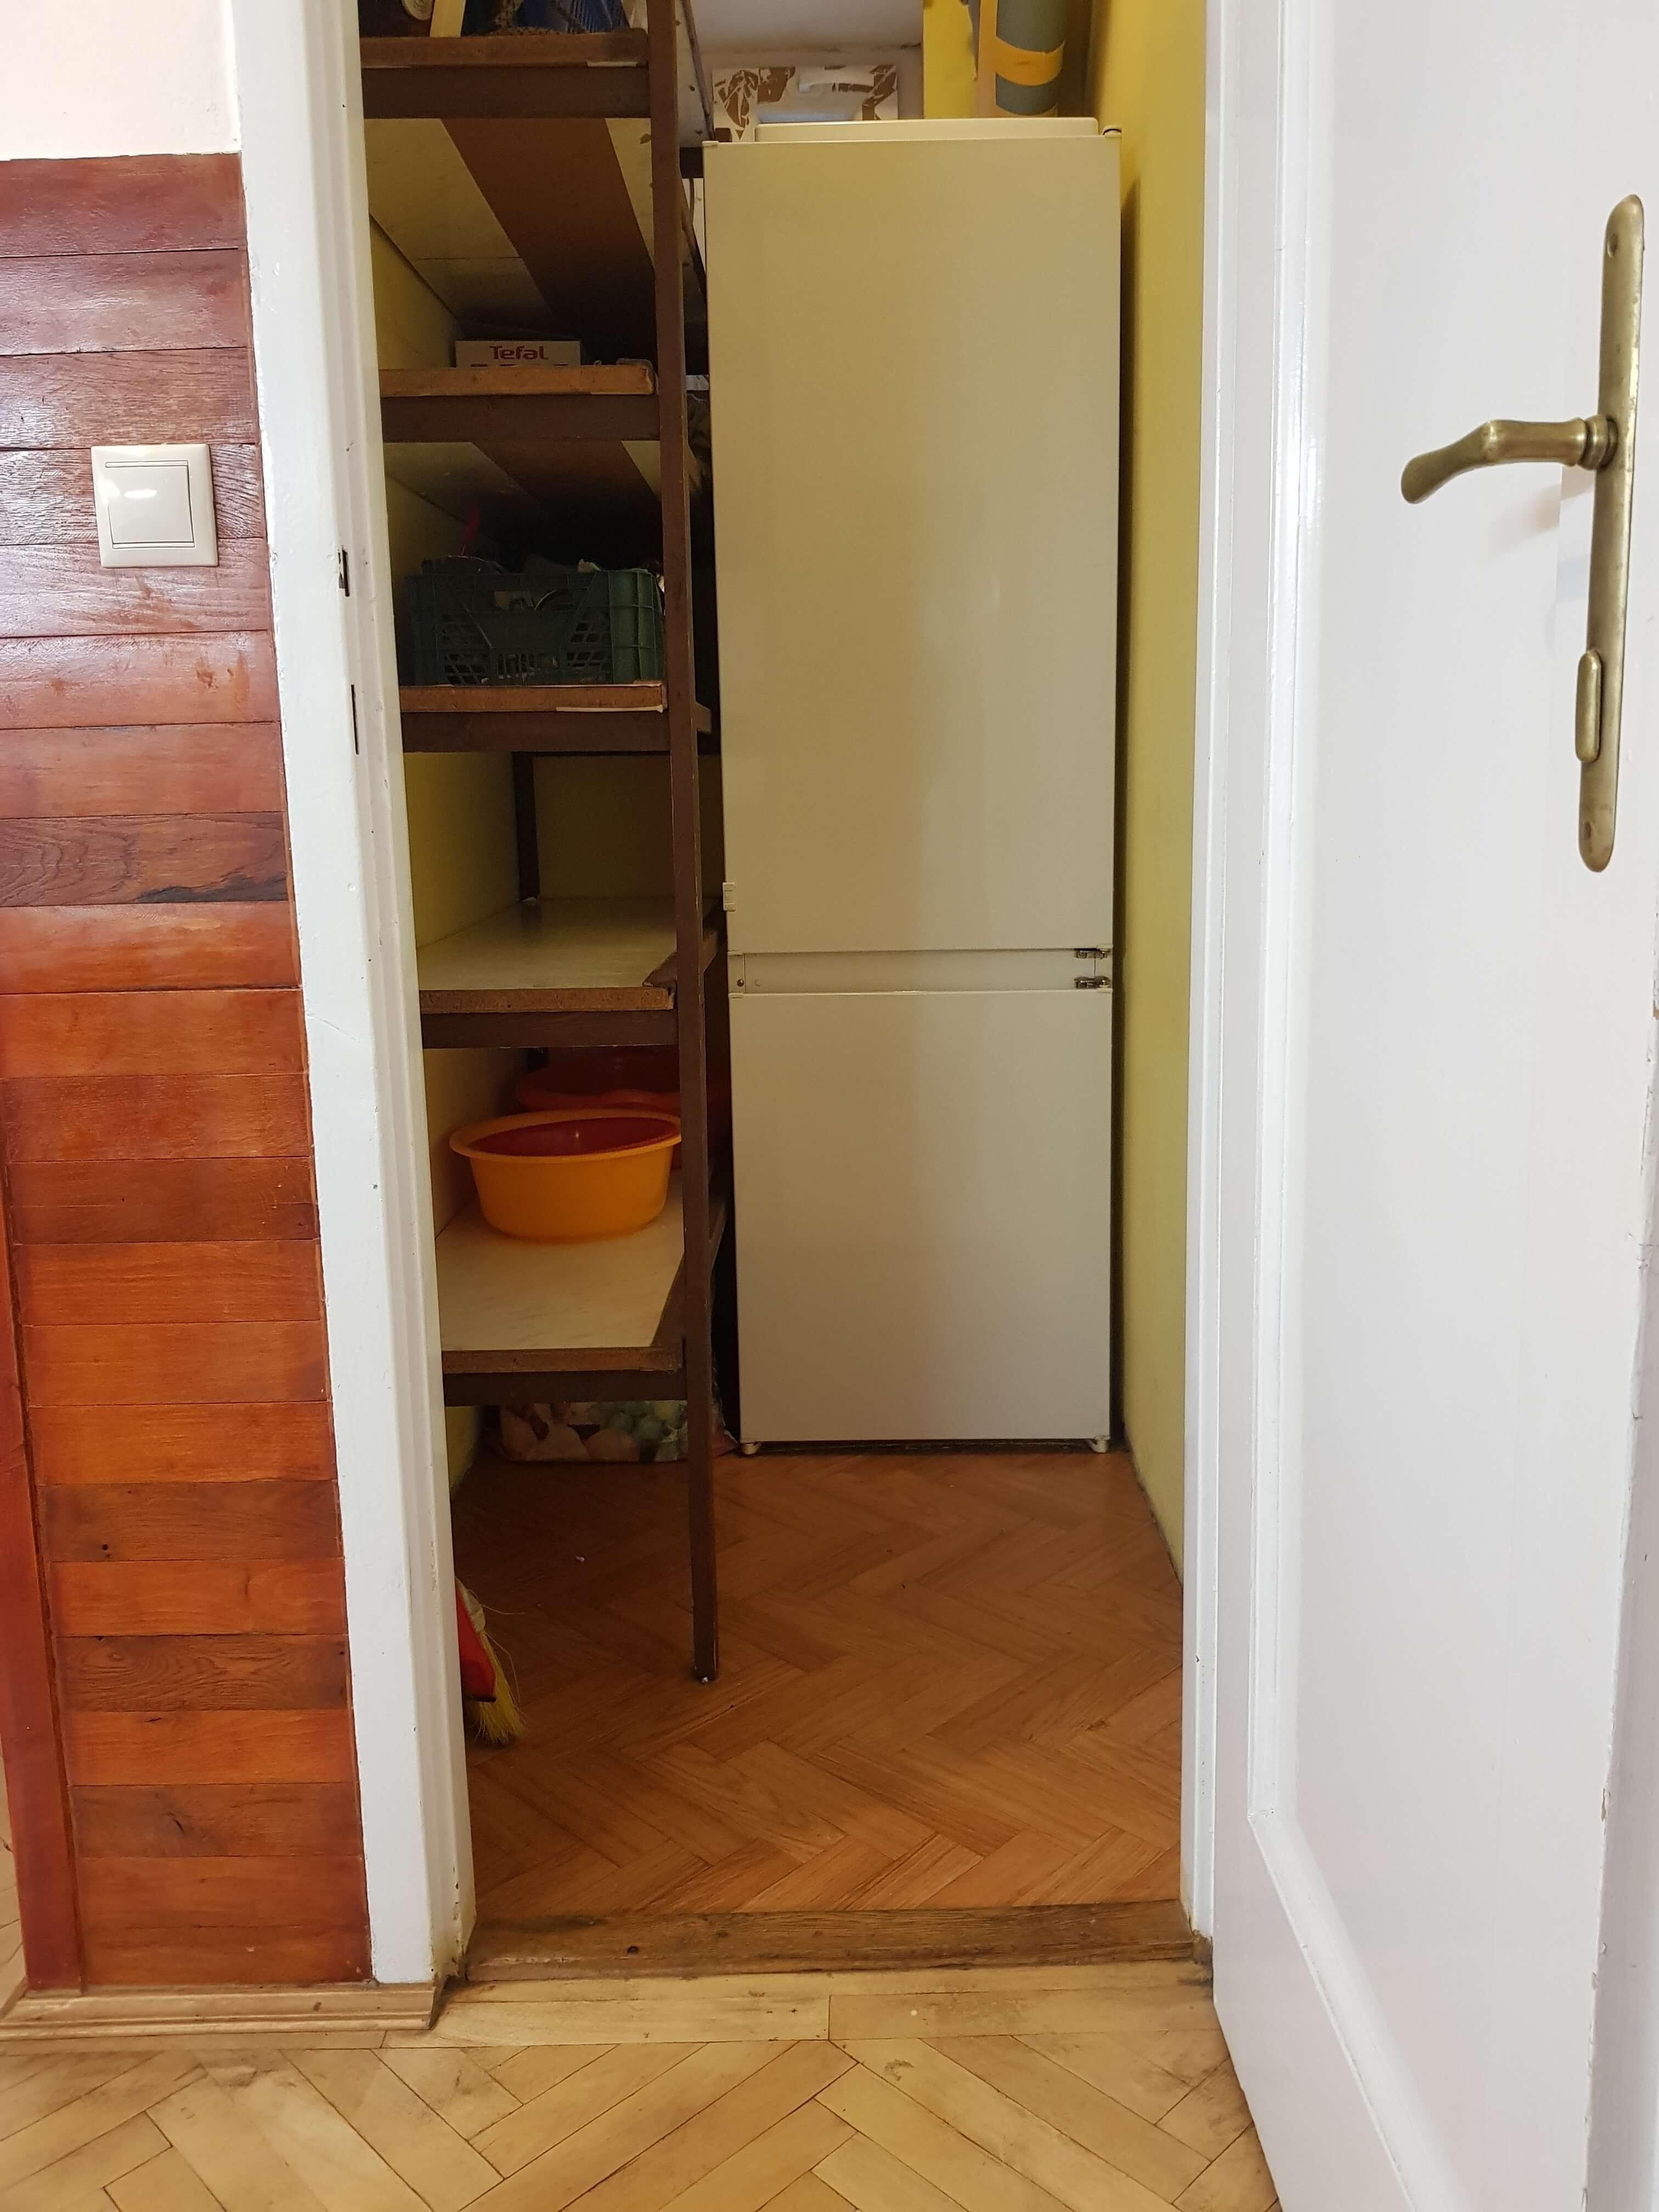 Prenájom jednej izby v 2 izb. byte, staré mesto, Šancová ulica, Bratislava, 80m2, zariadený-38